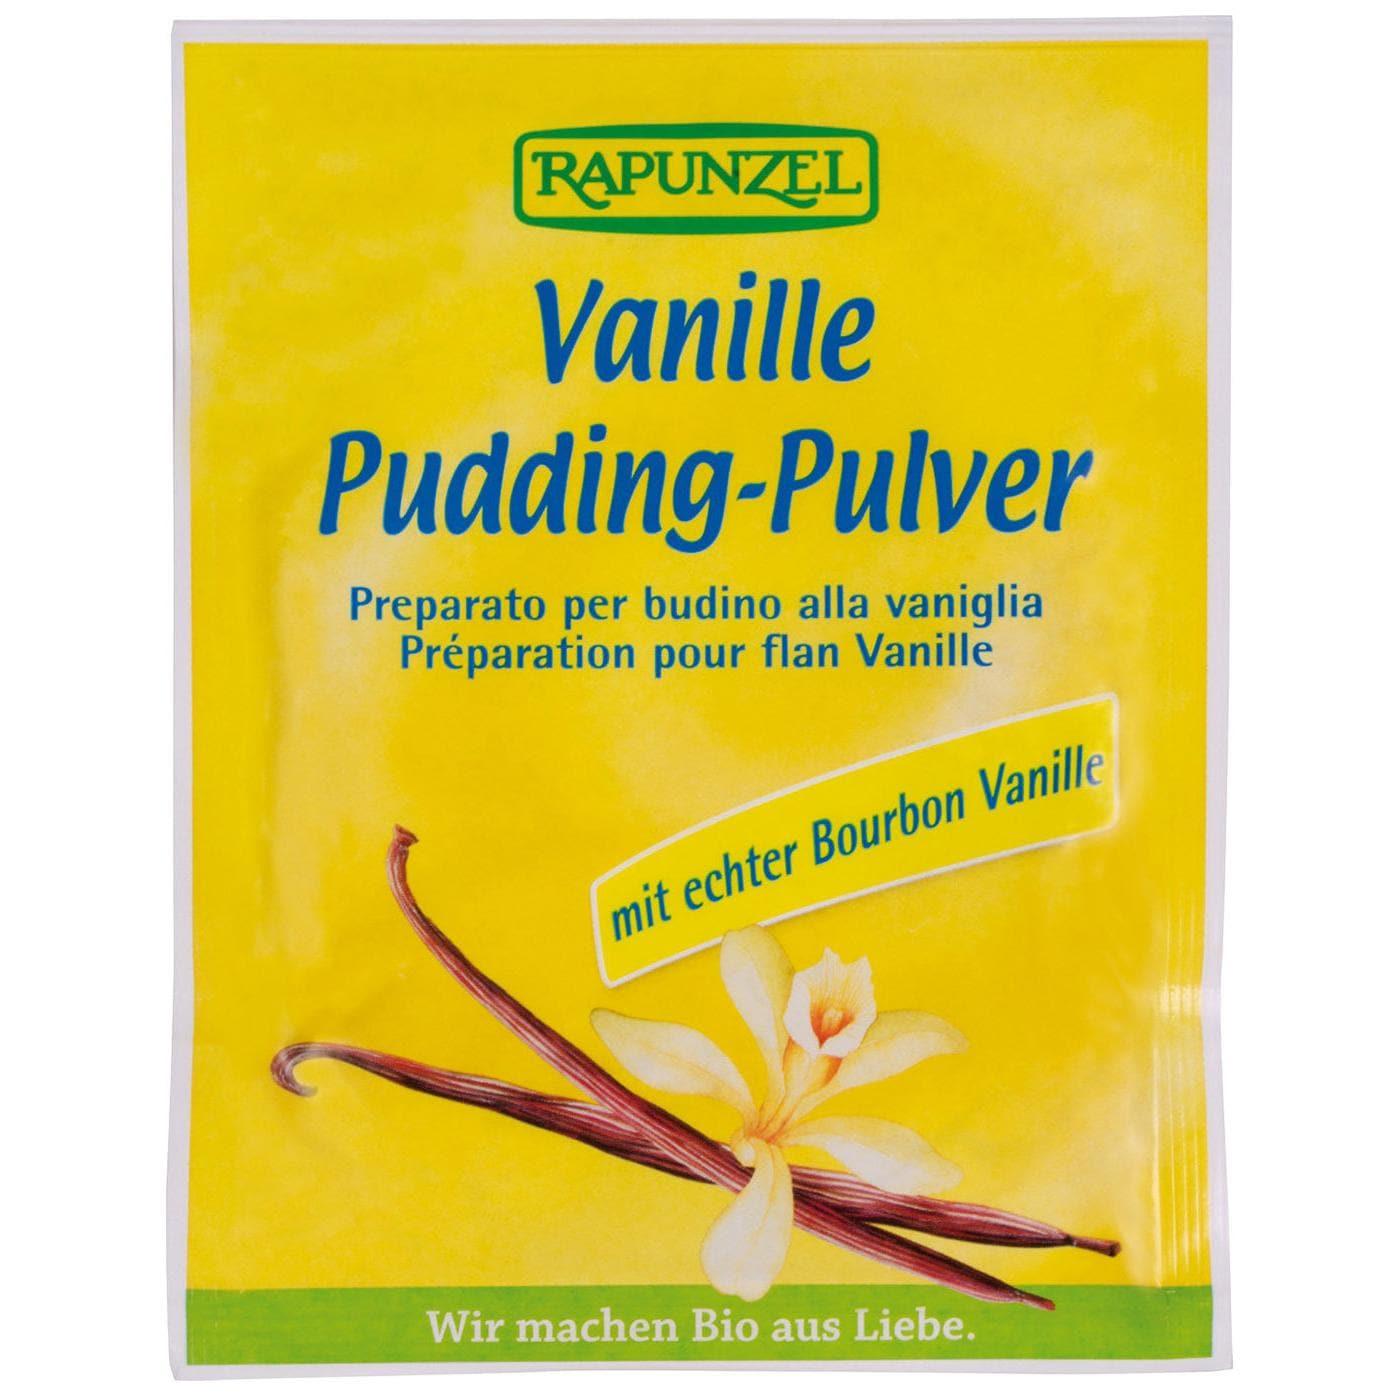 Rapunzel Bio Pudding-Pulver Vanille 40g